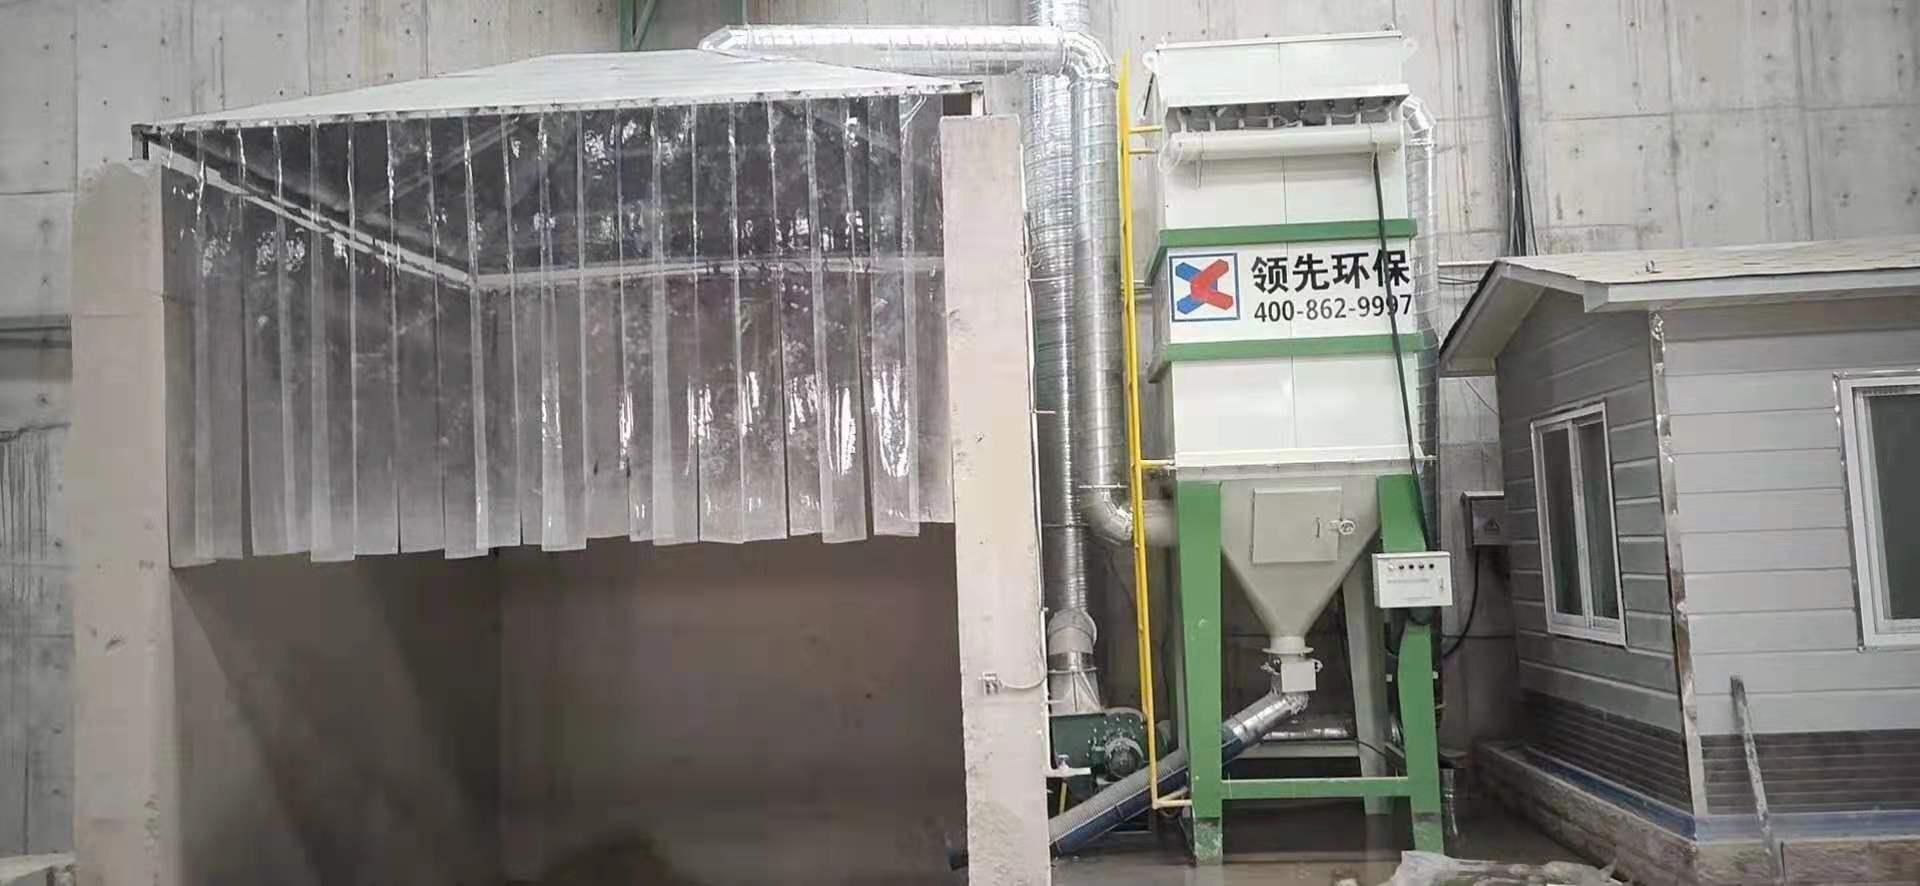 脉冲式除尘器使用的操作流程规范